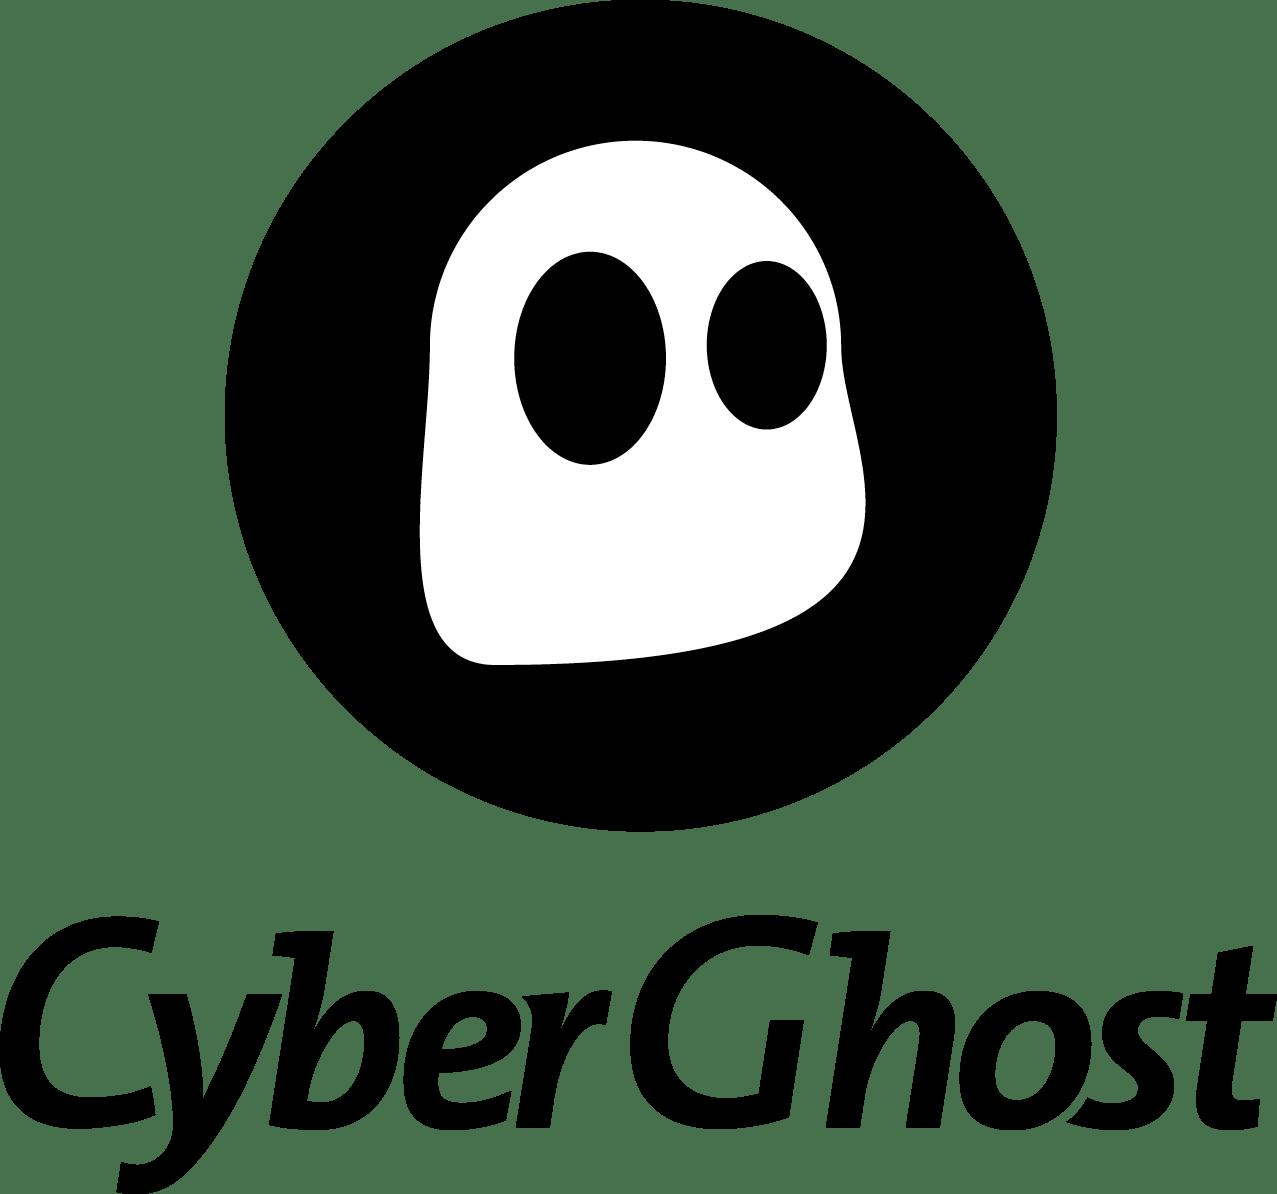 cyber ghost vpn-min